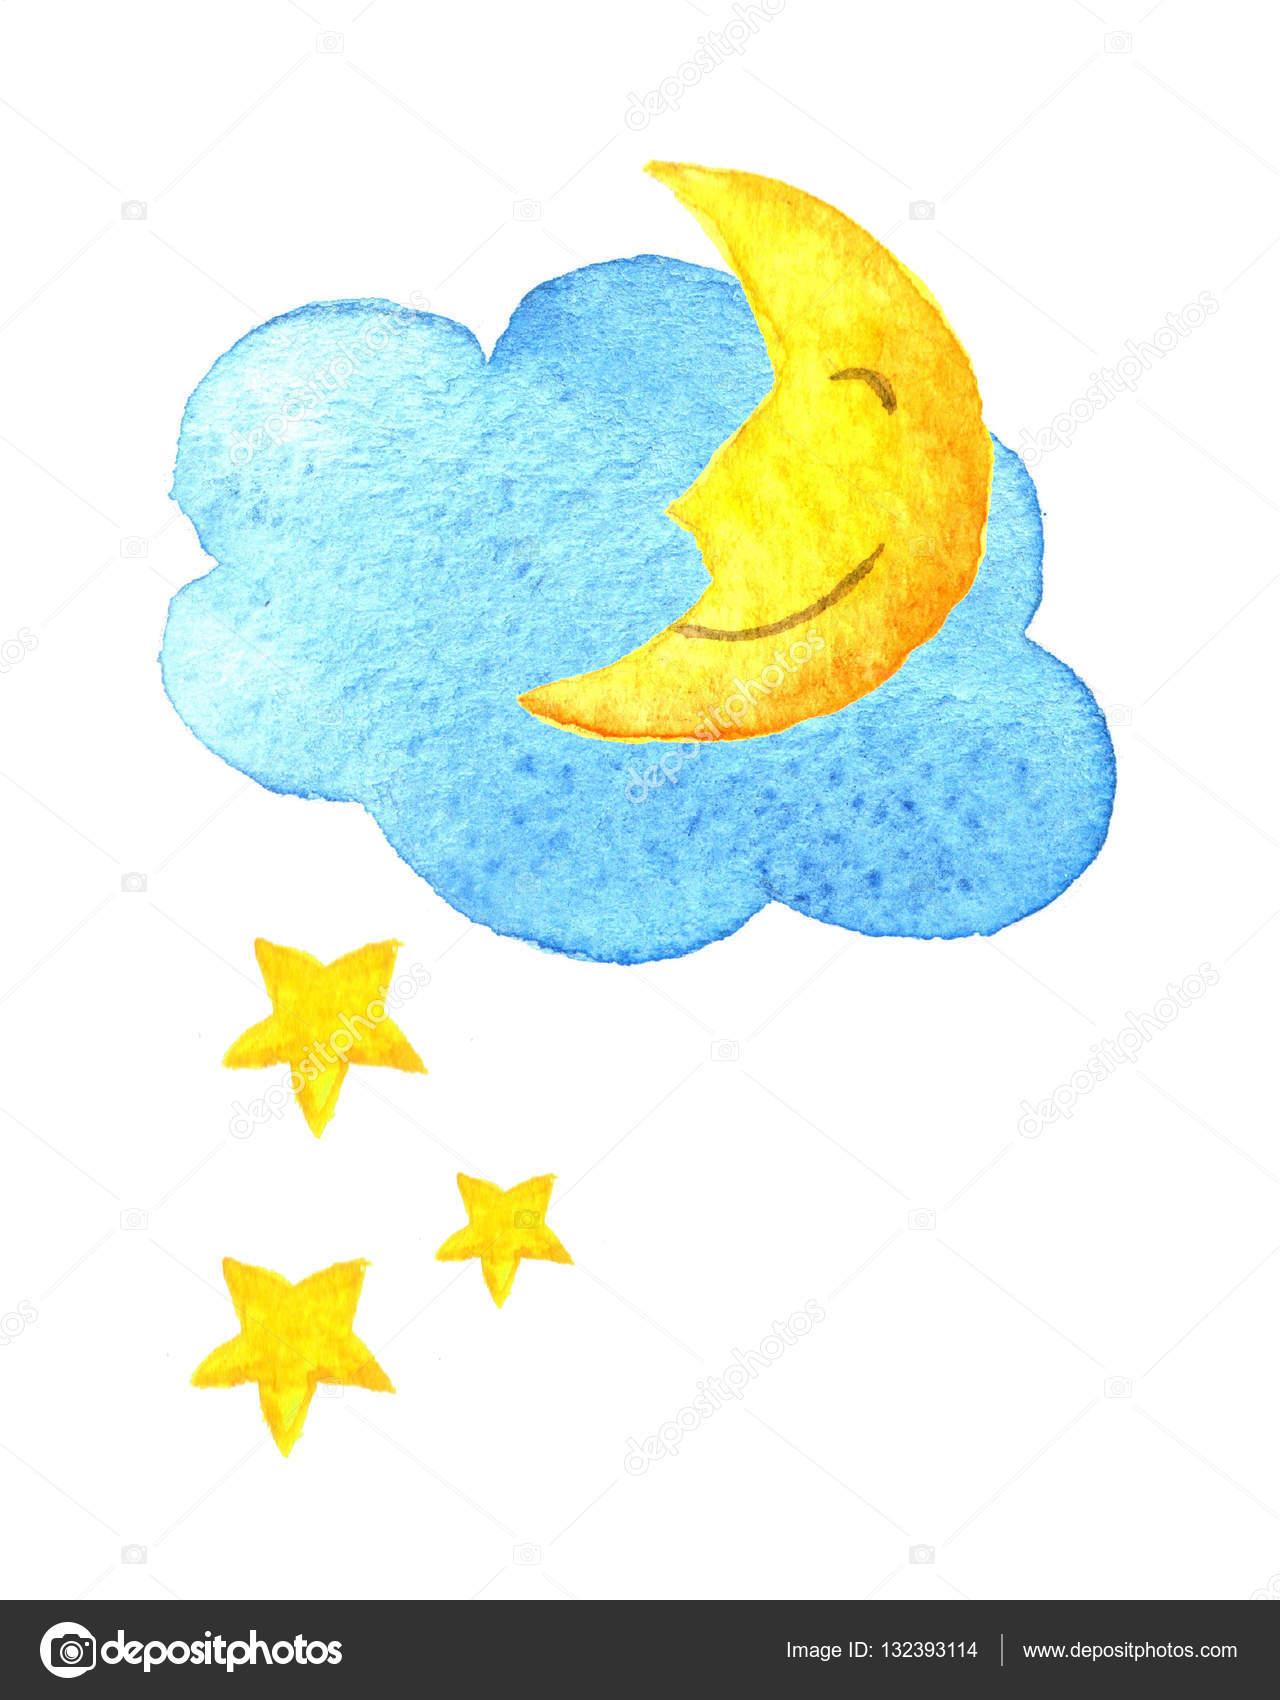 かわいい漫画雲星と笑顔の月手描き水彩イラスト図面を描いた水彩画